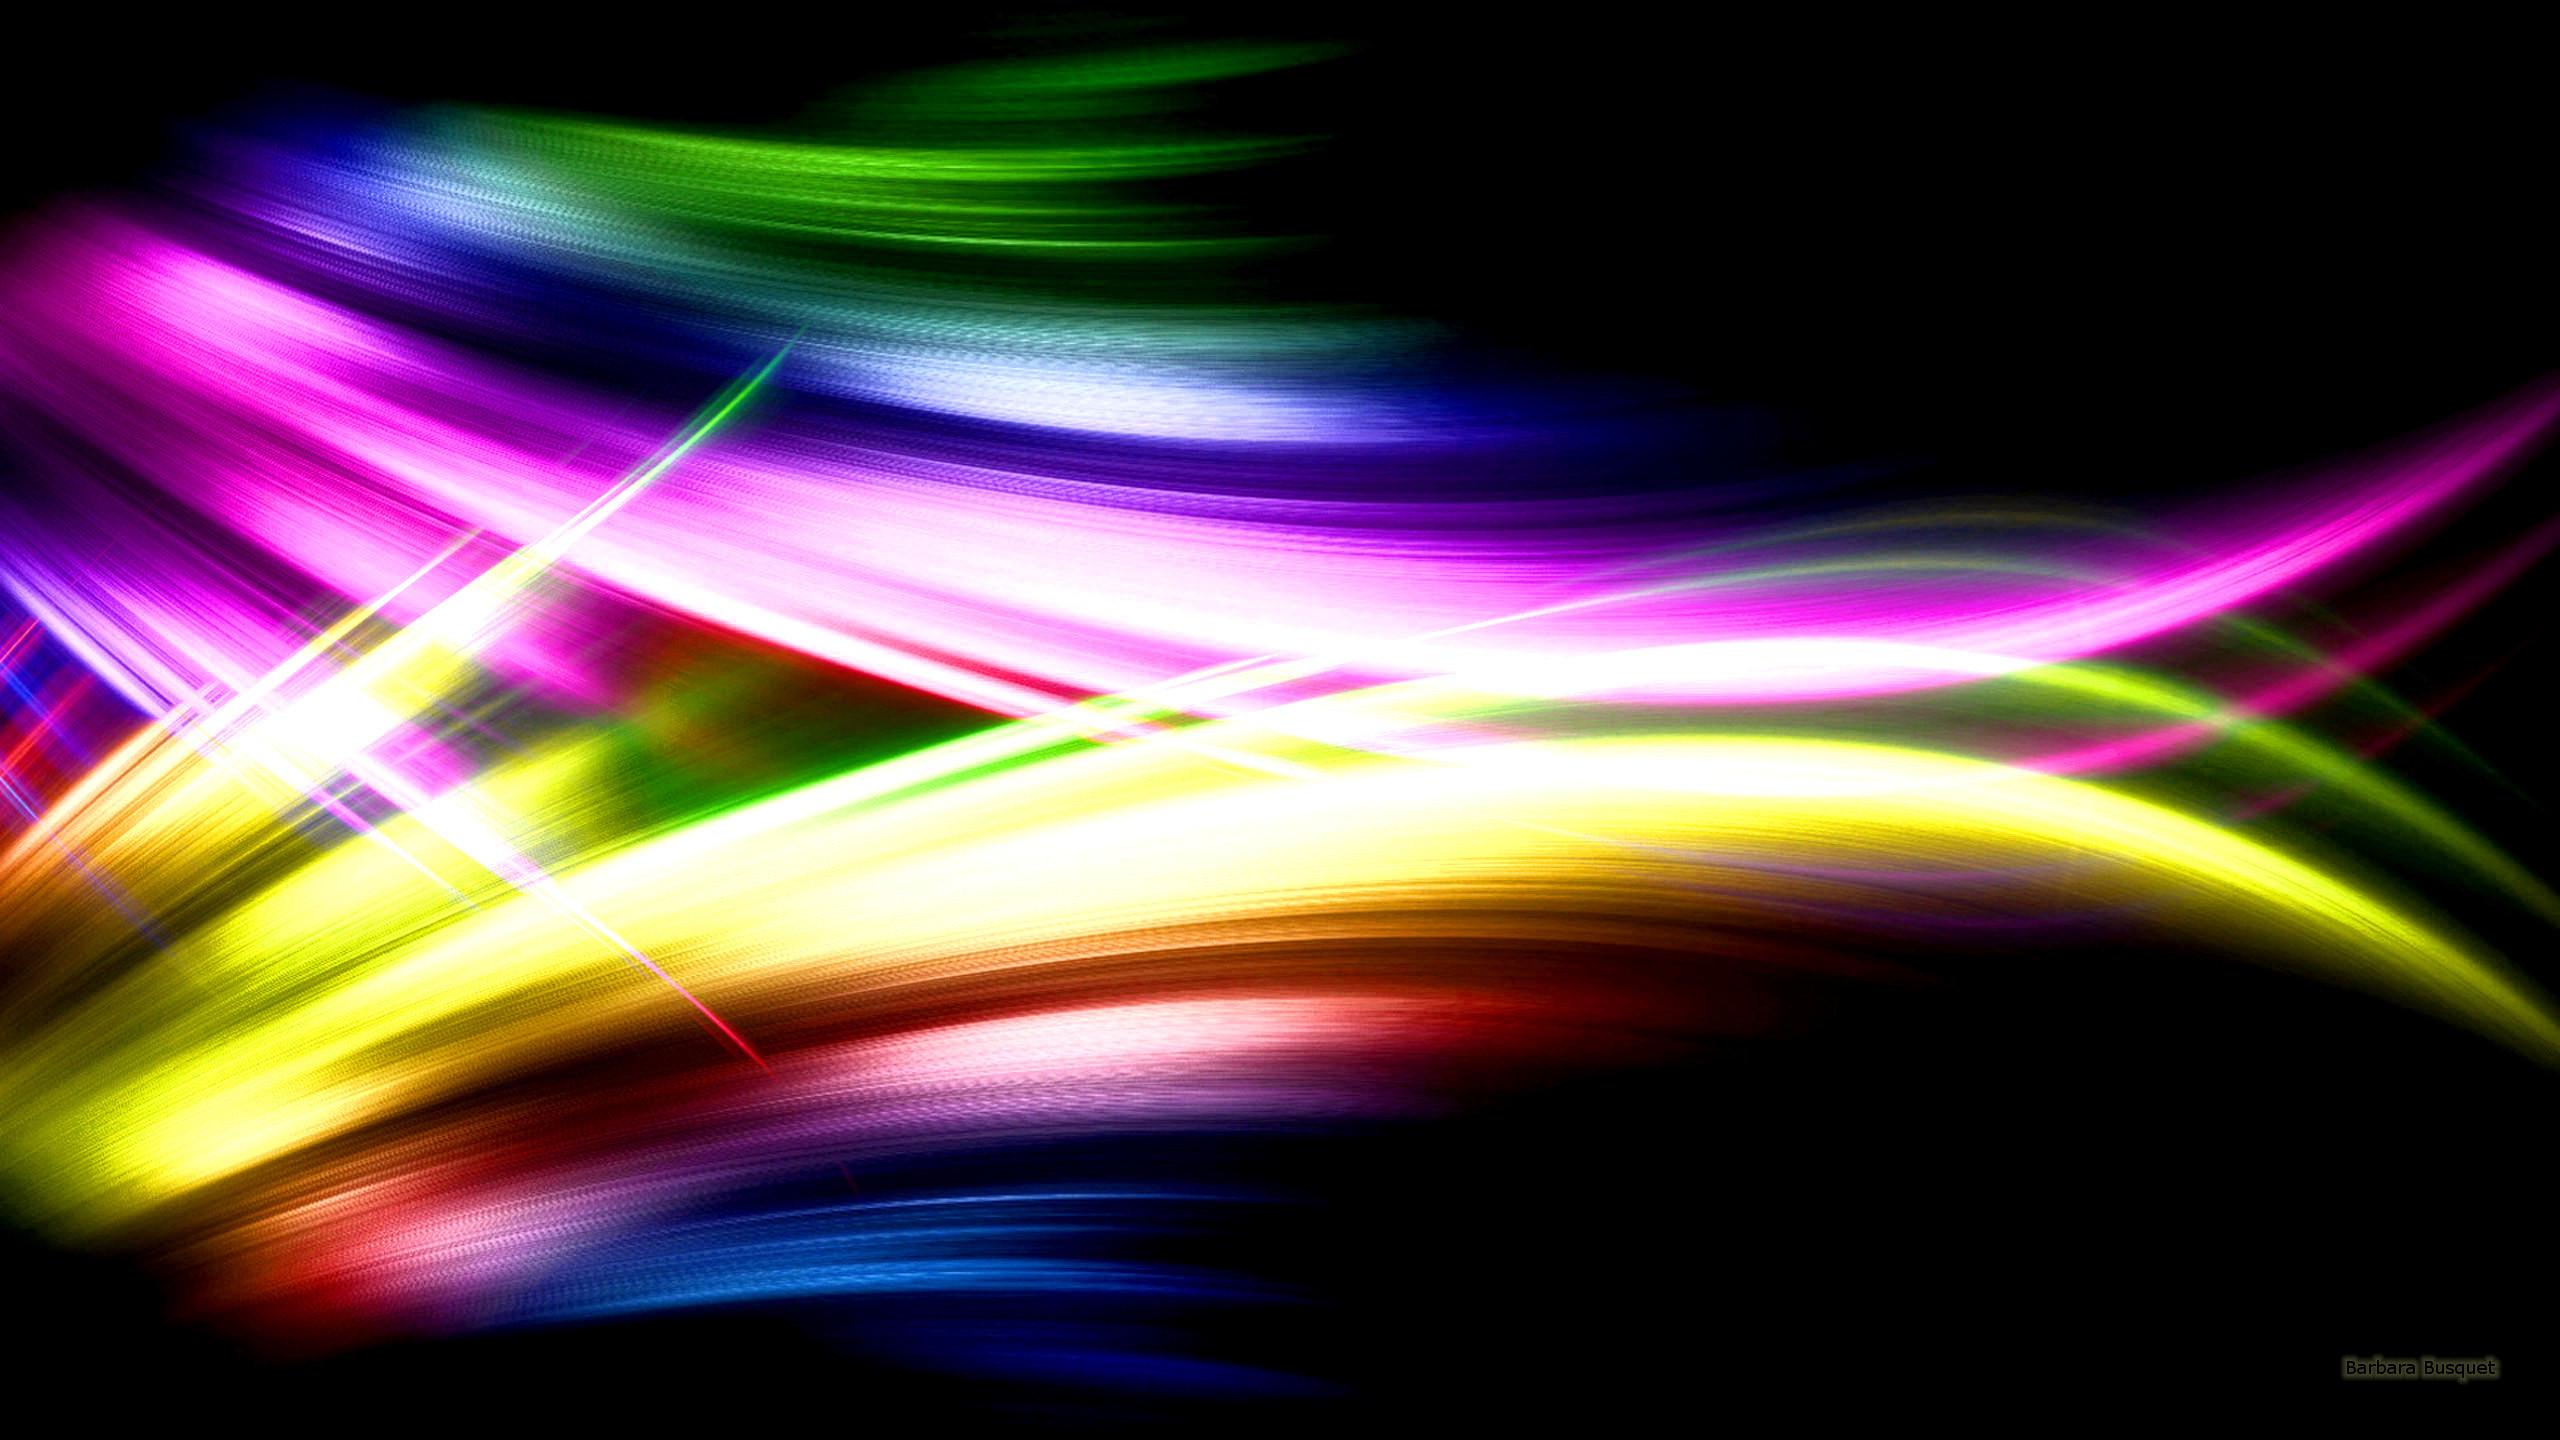 colorful spectrum colors - photo #27